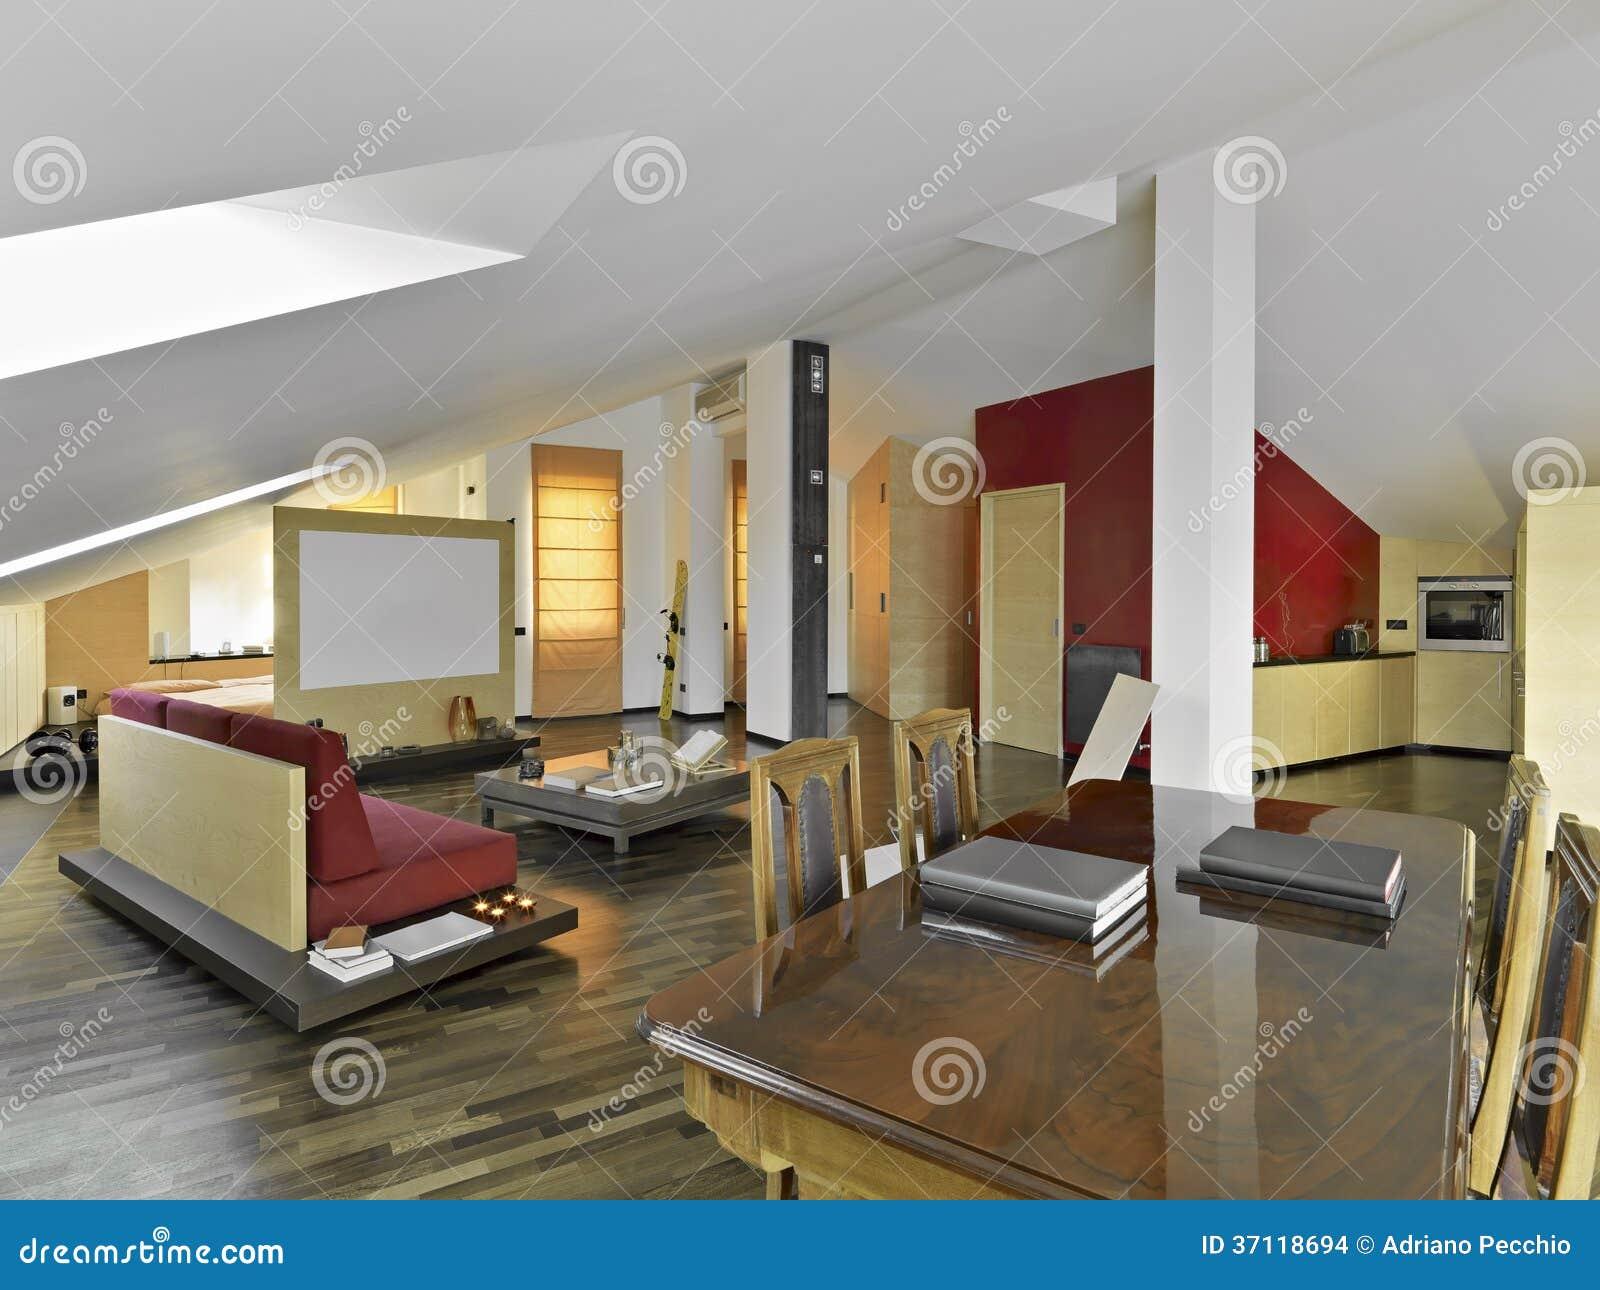 Woonkamer Op Zolder : Moderne woonkamer in de zolder stock foto afbeelding bestaande uit